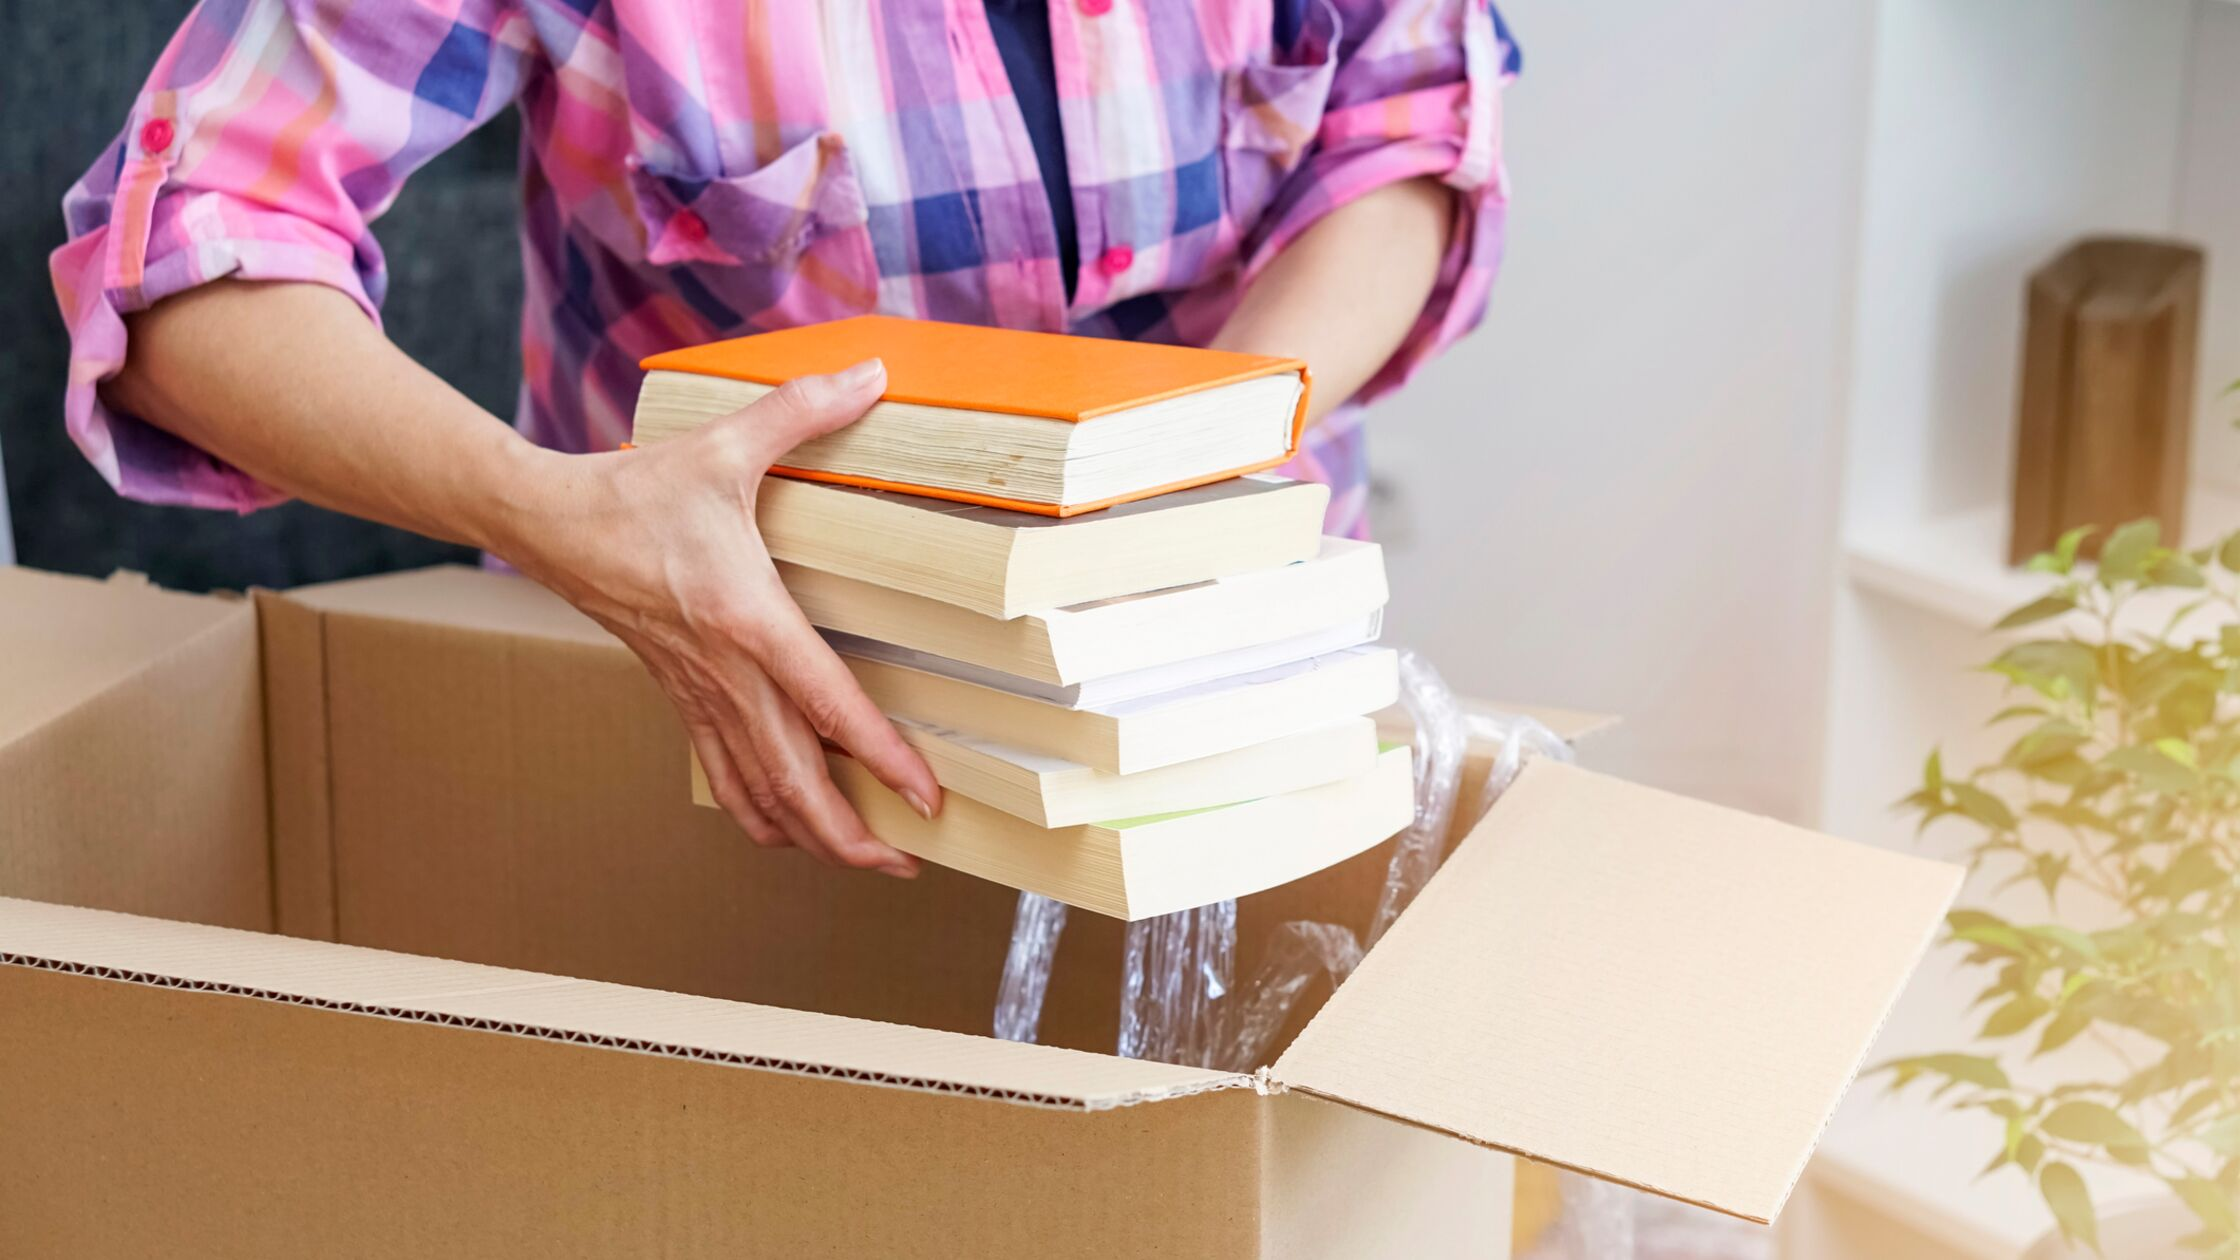 Frau packt Bücher in Umzugskarton.